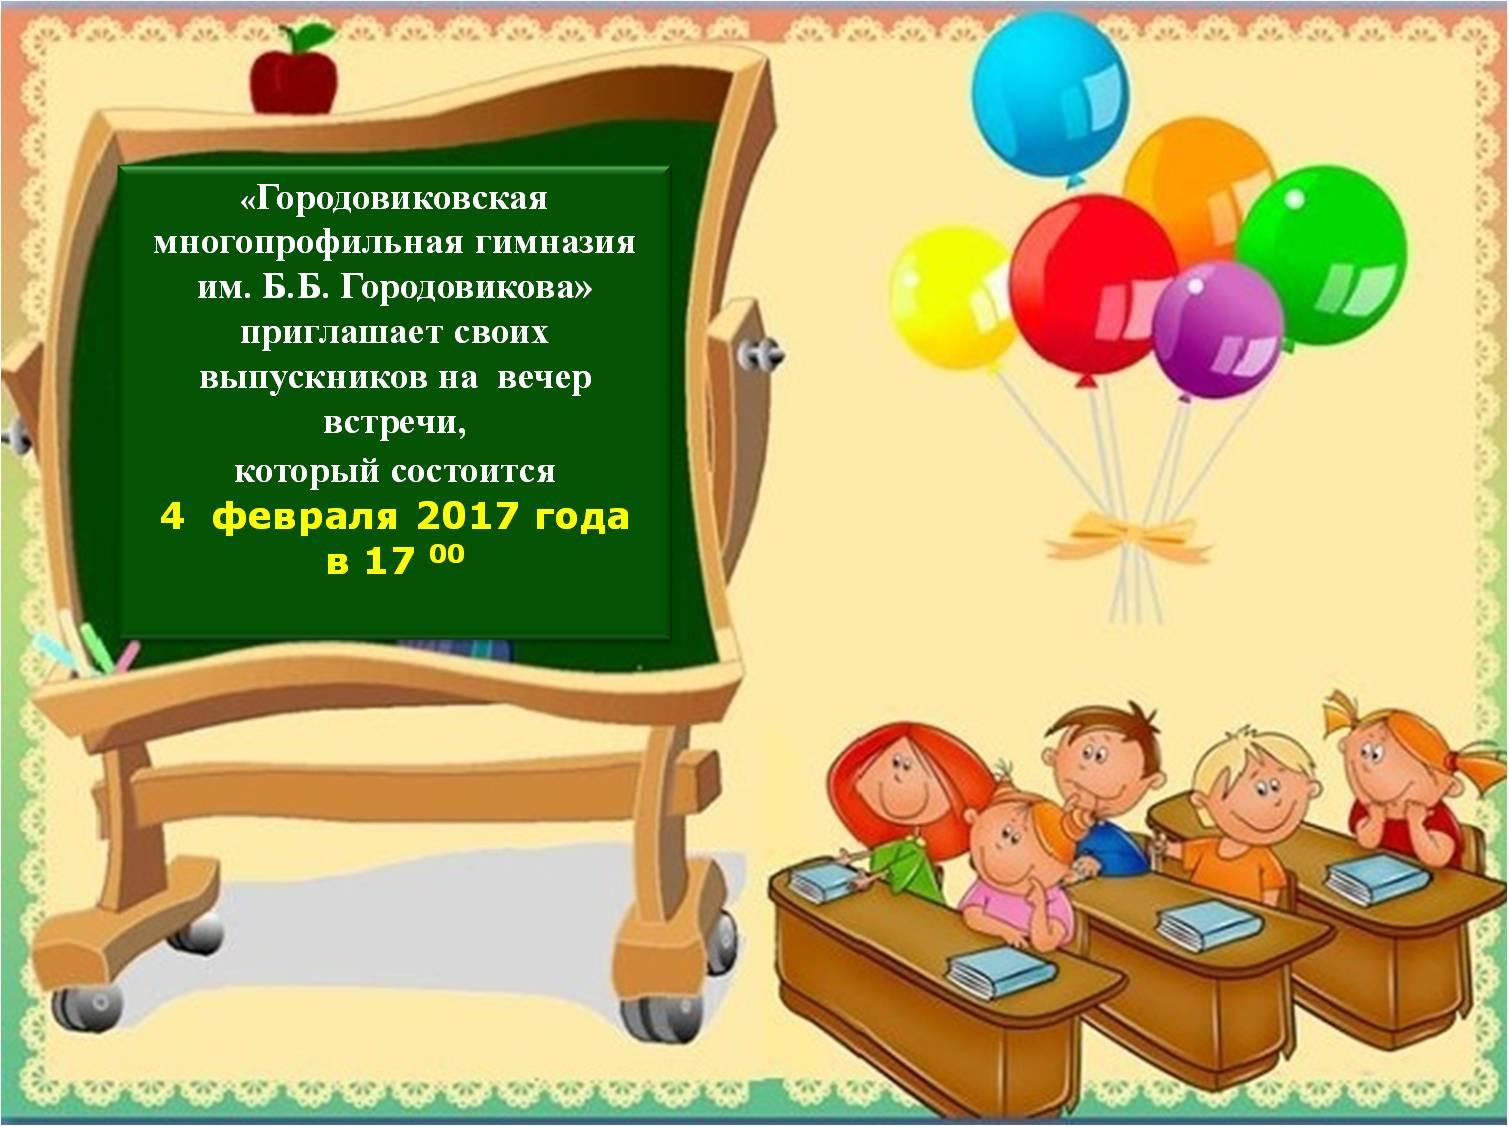 Поздравления для педагогов на вечер встречи